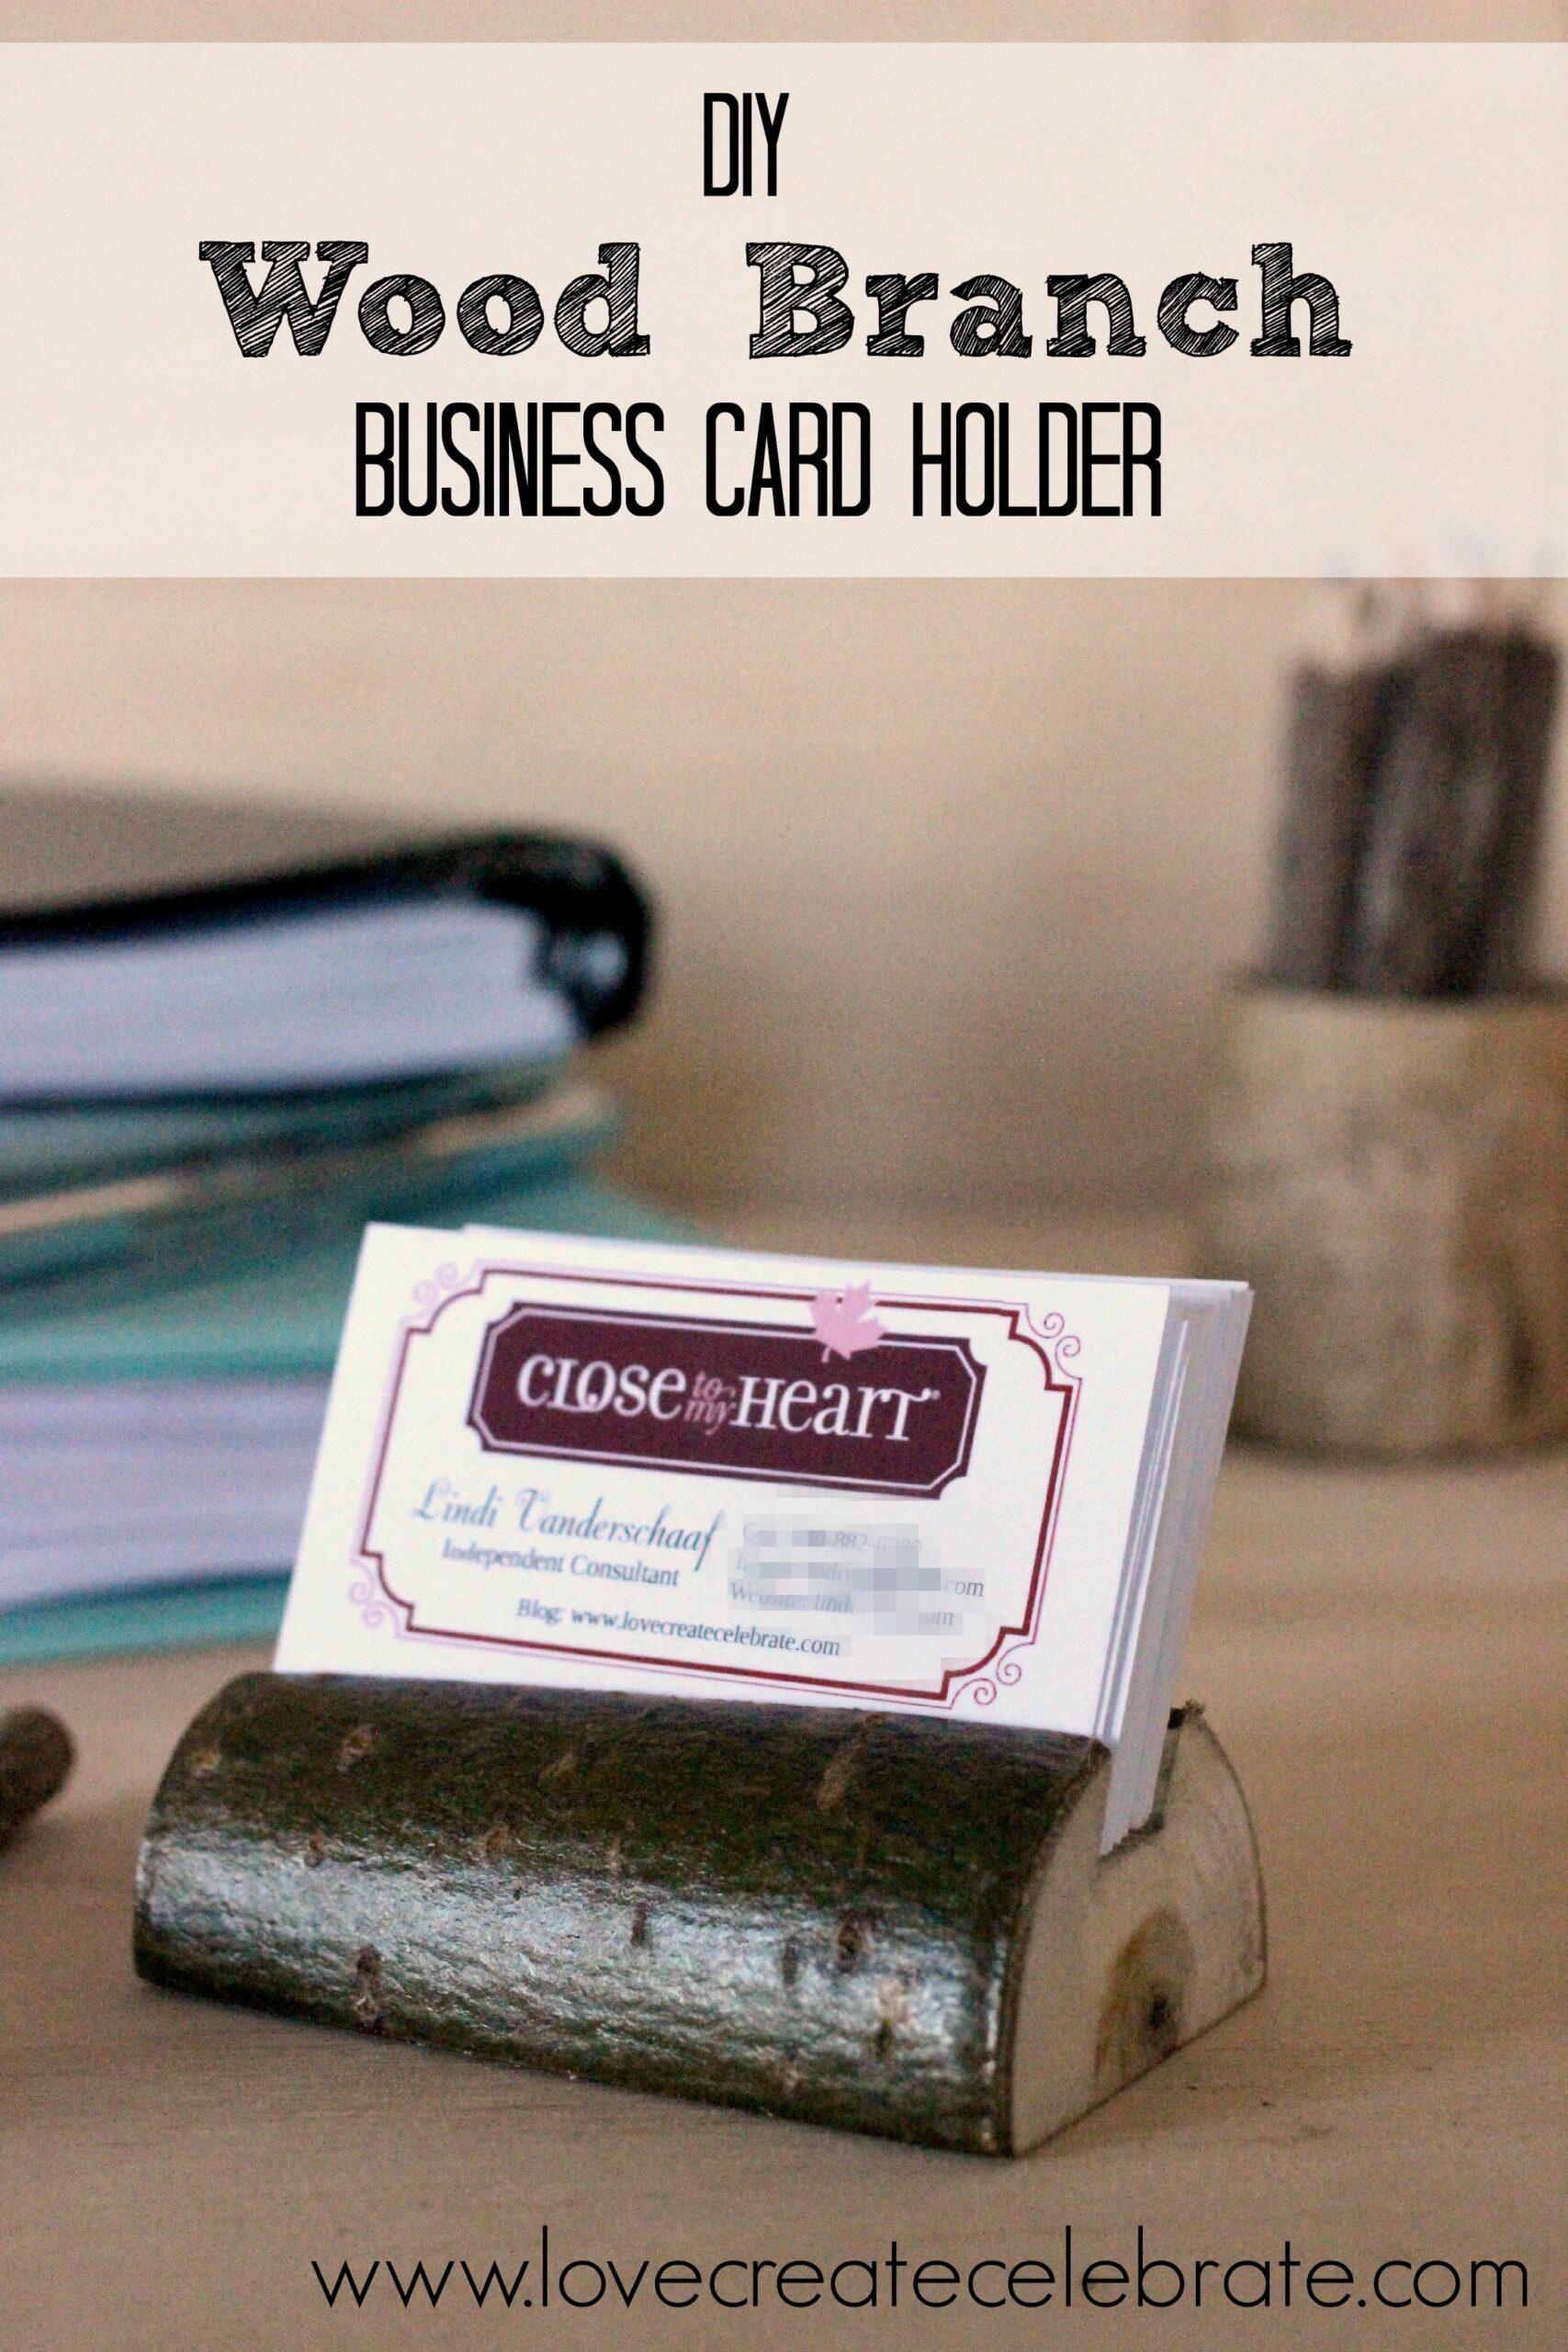 Rustic Business Card Holder - Love Create Celebrate